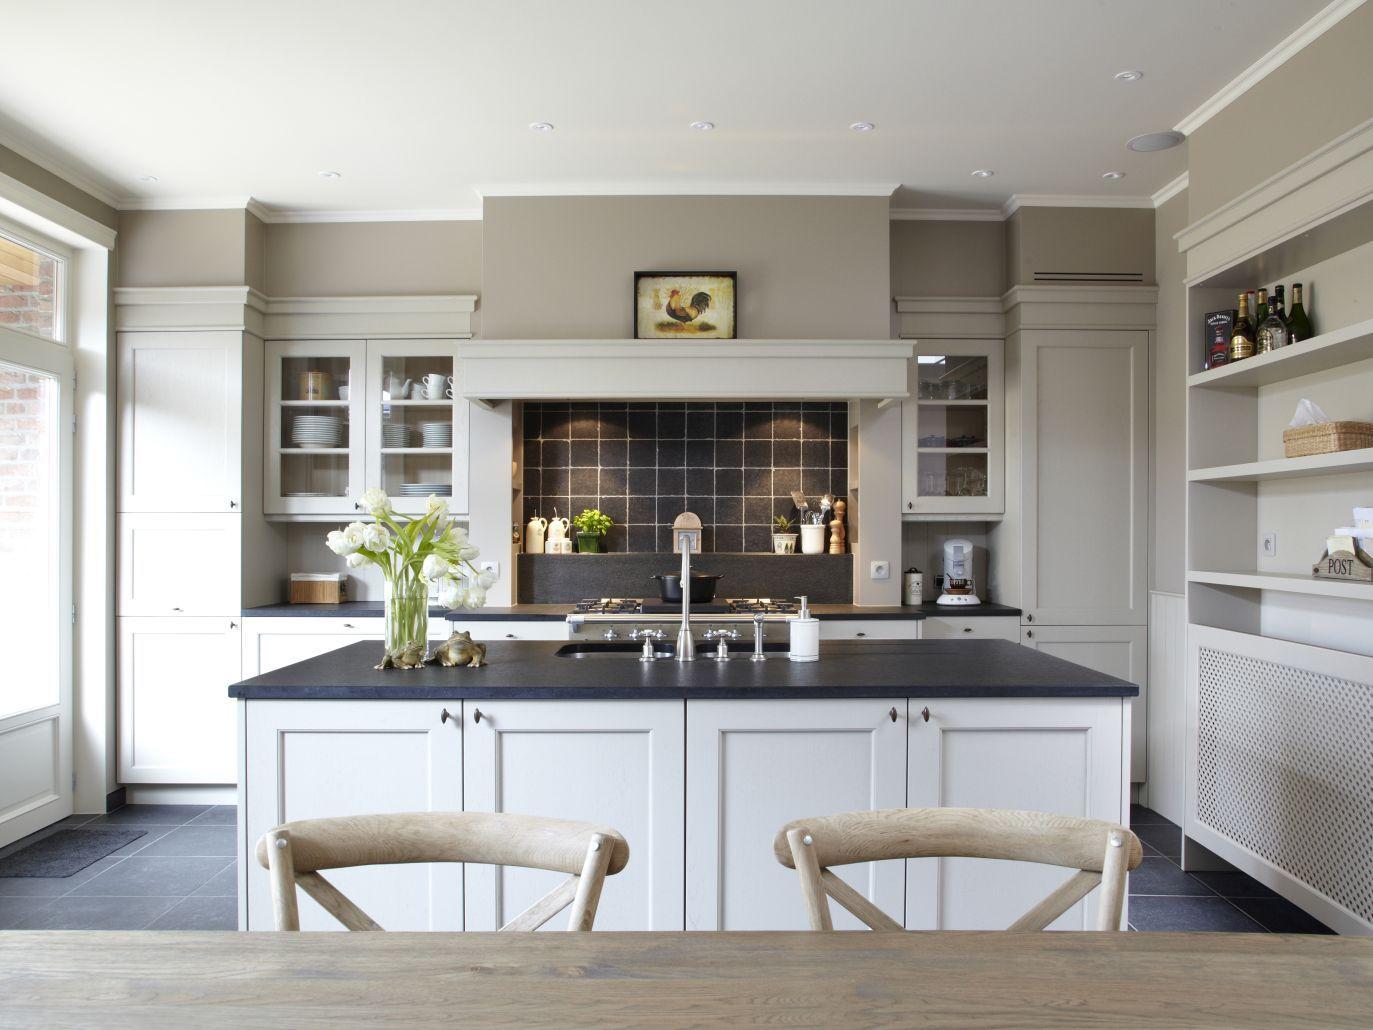 Afbeeldingsresultaat voor dovy keukens landelijk keuken pinterest kitchens house and - Onderwerp deco design keuken ...